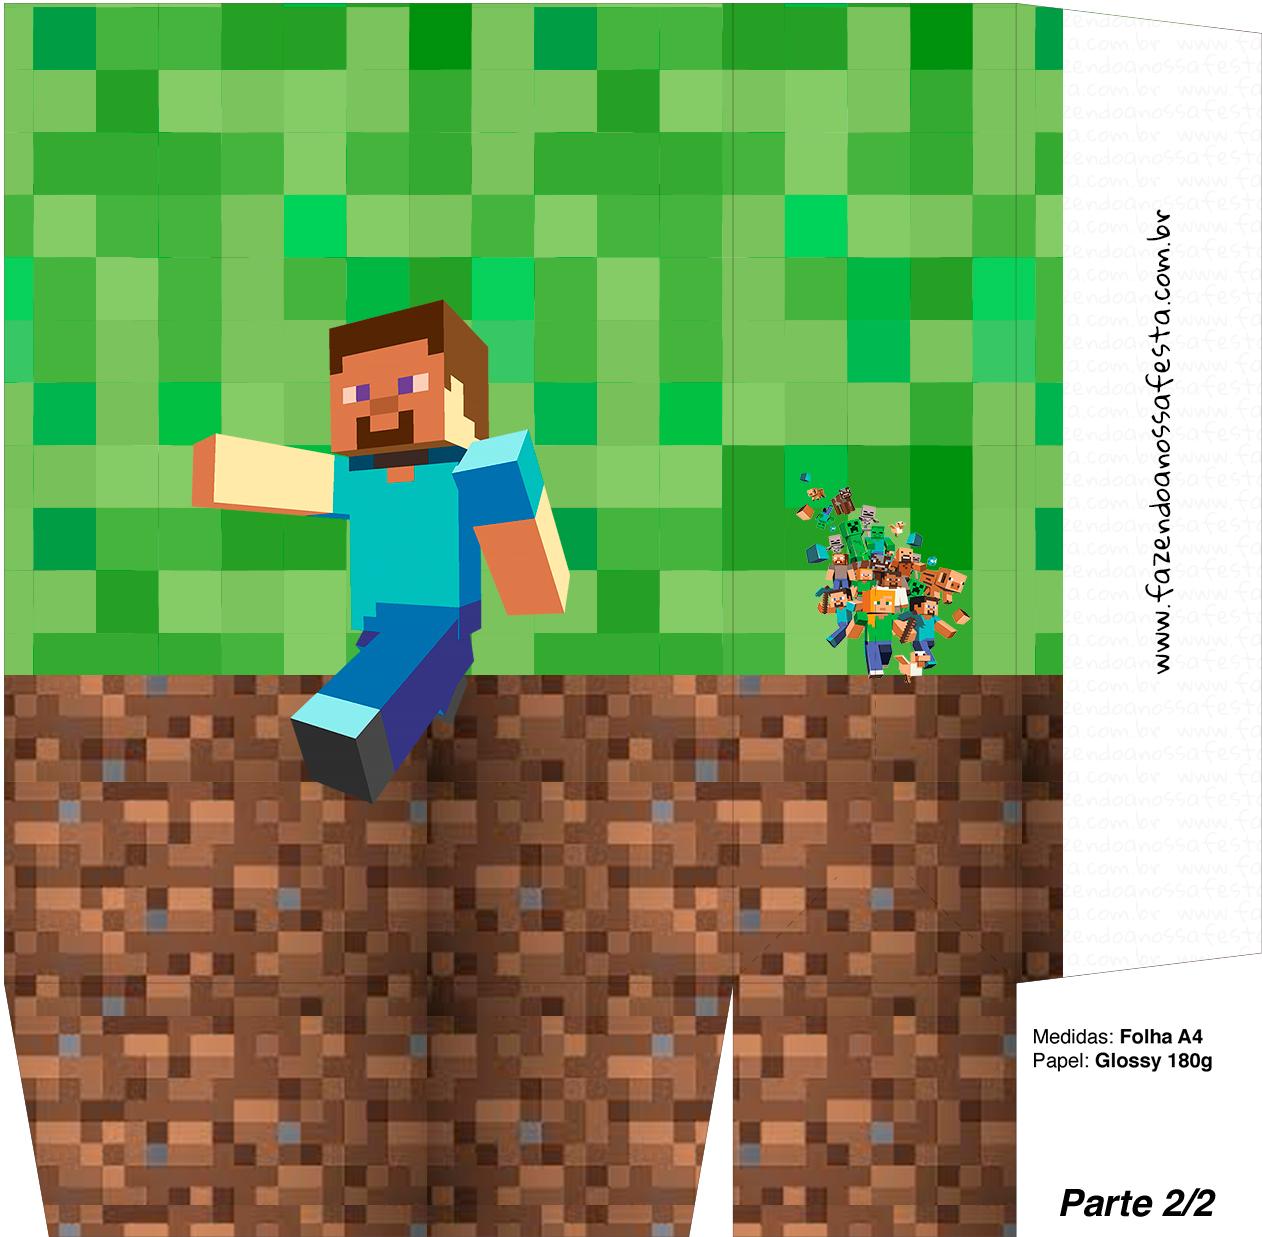 Sacolinha Surpresa Minecraft 3 - A4 Parte 2